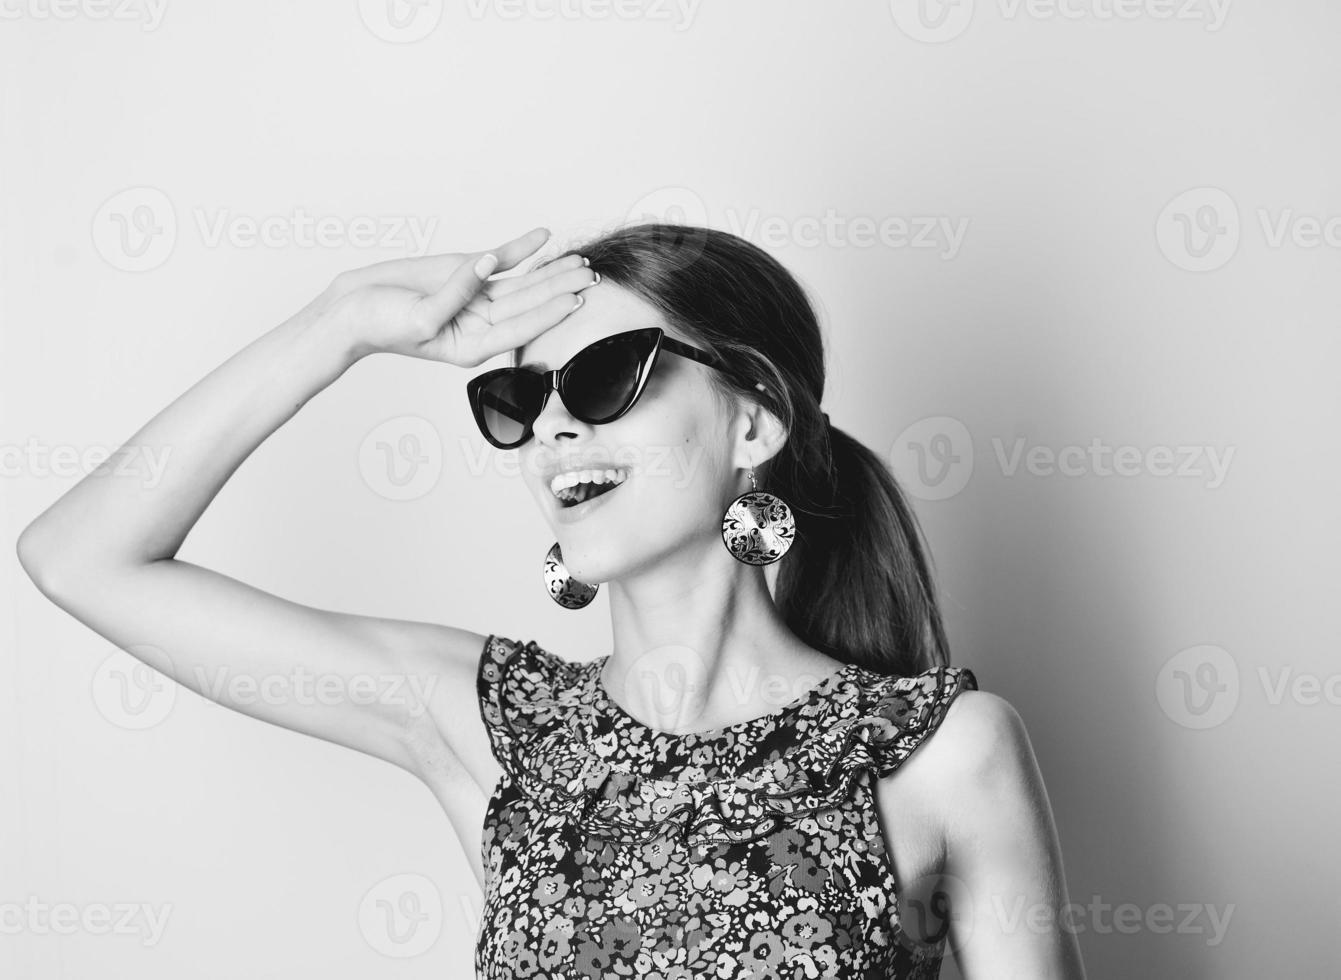 giovane donna caucasica alla moda. foto